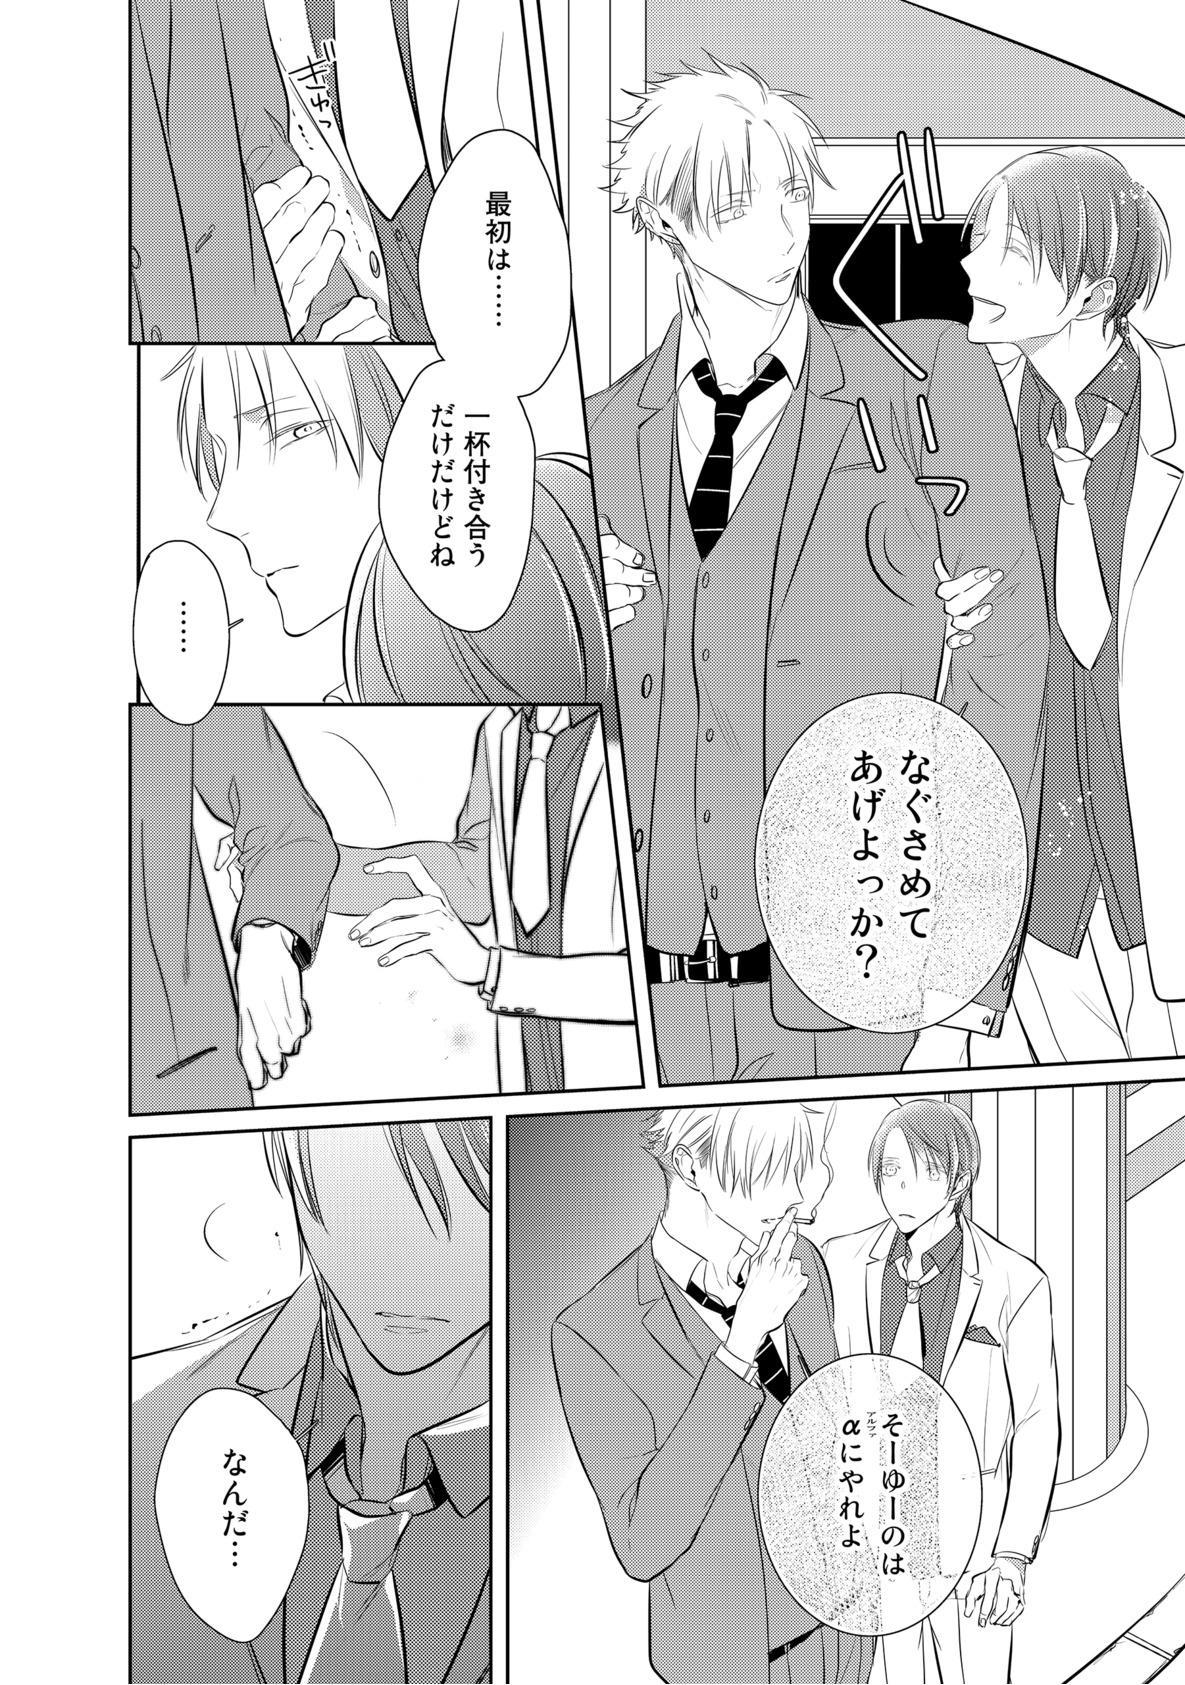 Kurui Naku no wa Boku no Ban ~ vol.2 11